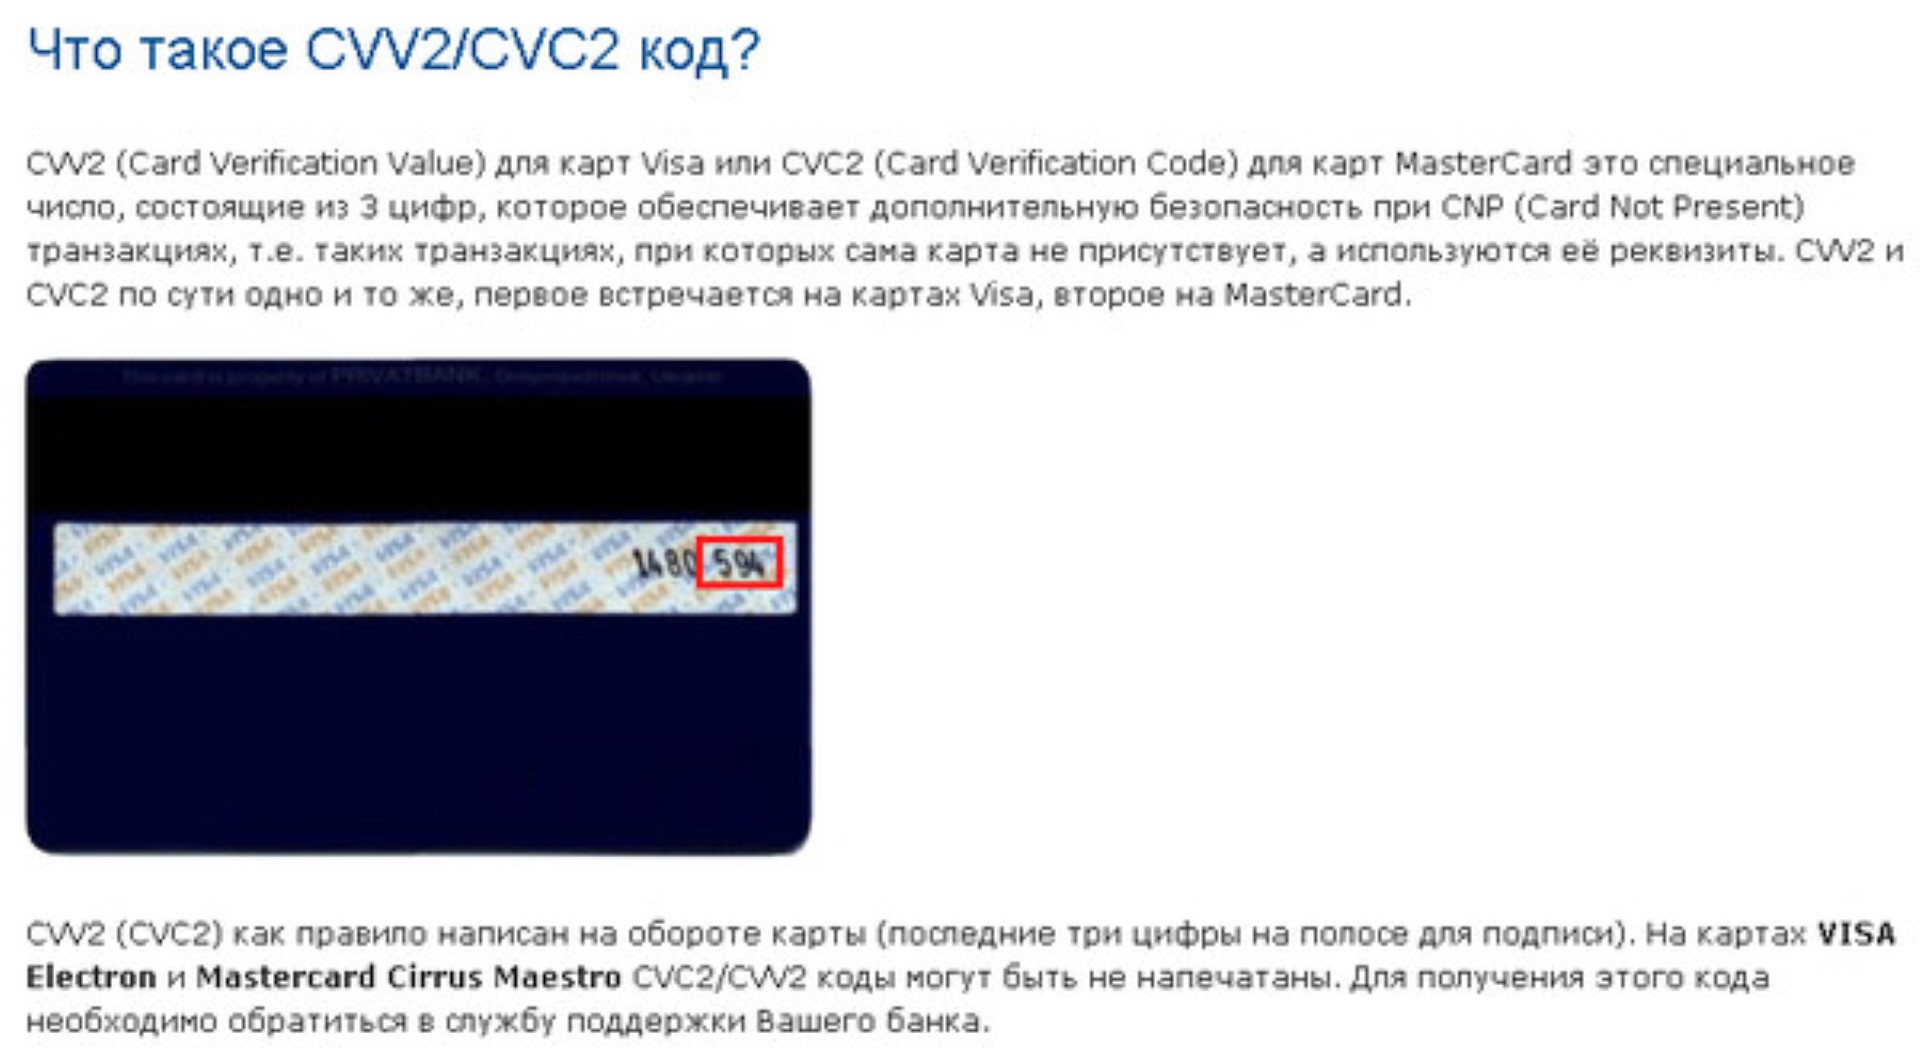 Что такое cvc/cvv2 код безопасности карты мир: где находится, что означает и как узнать